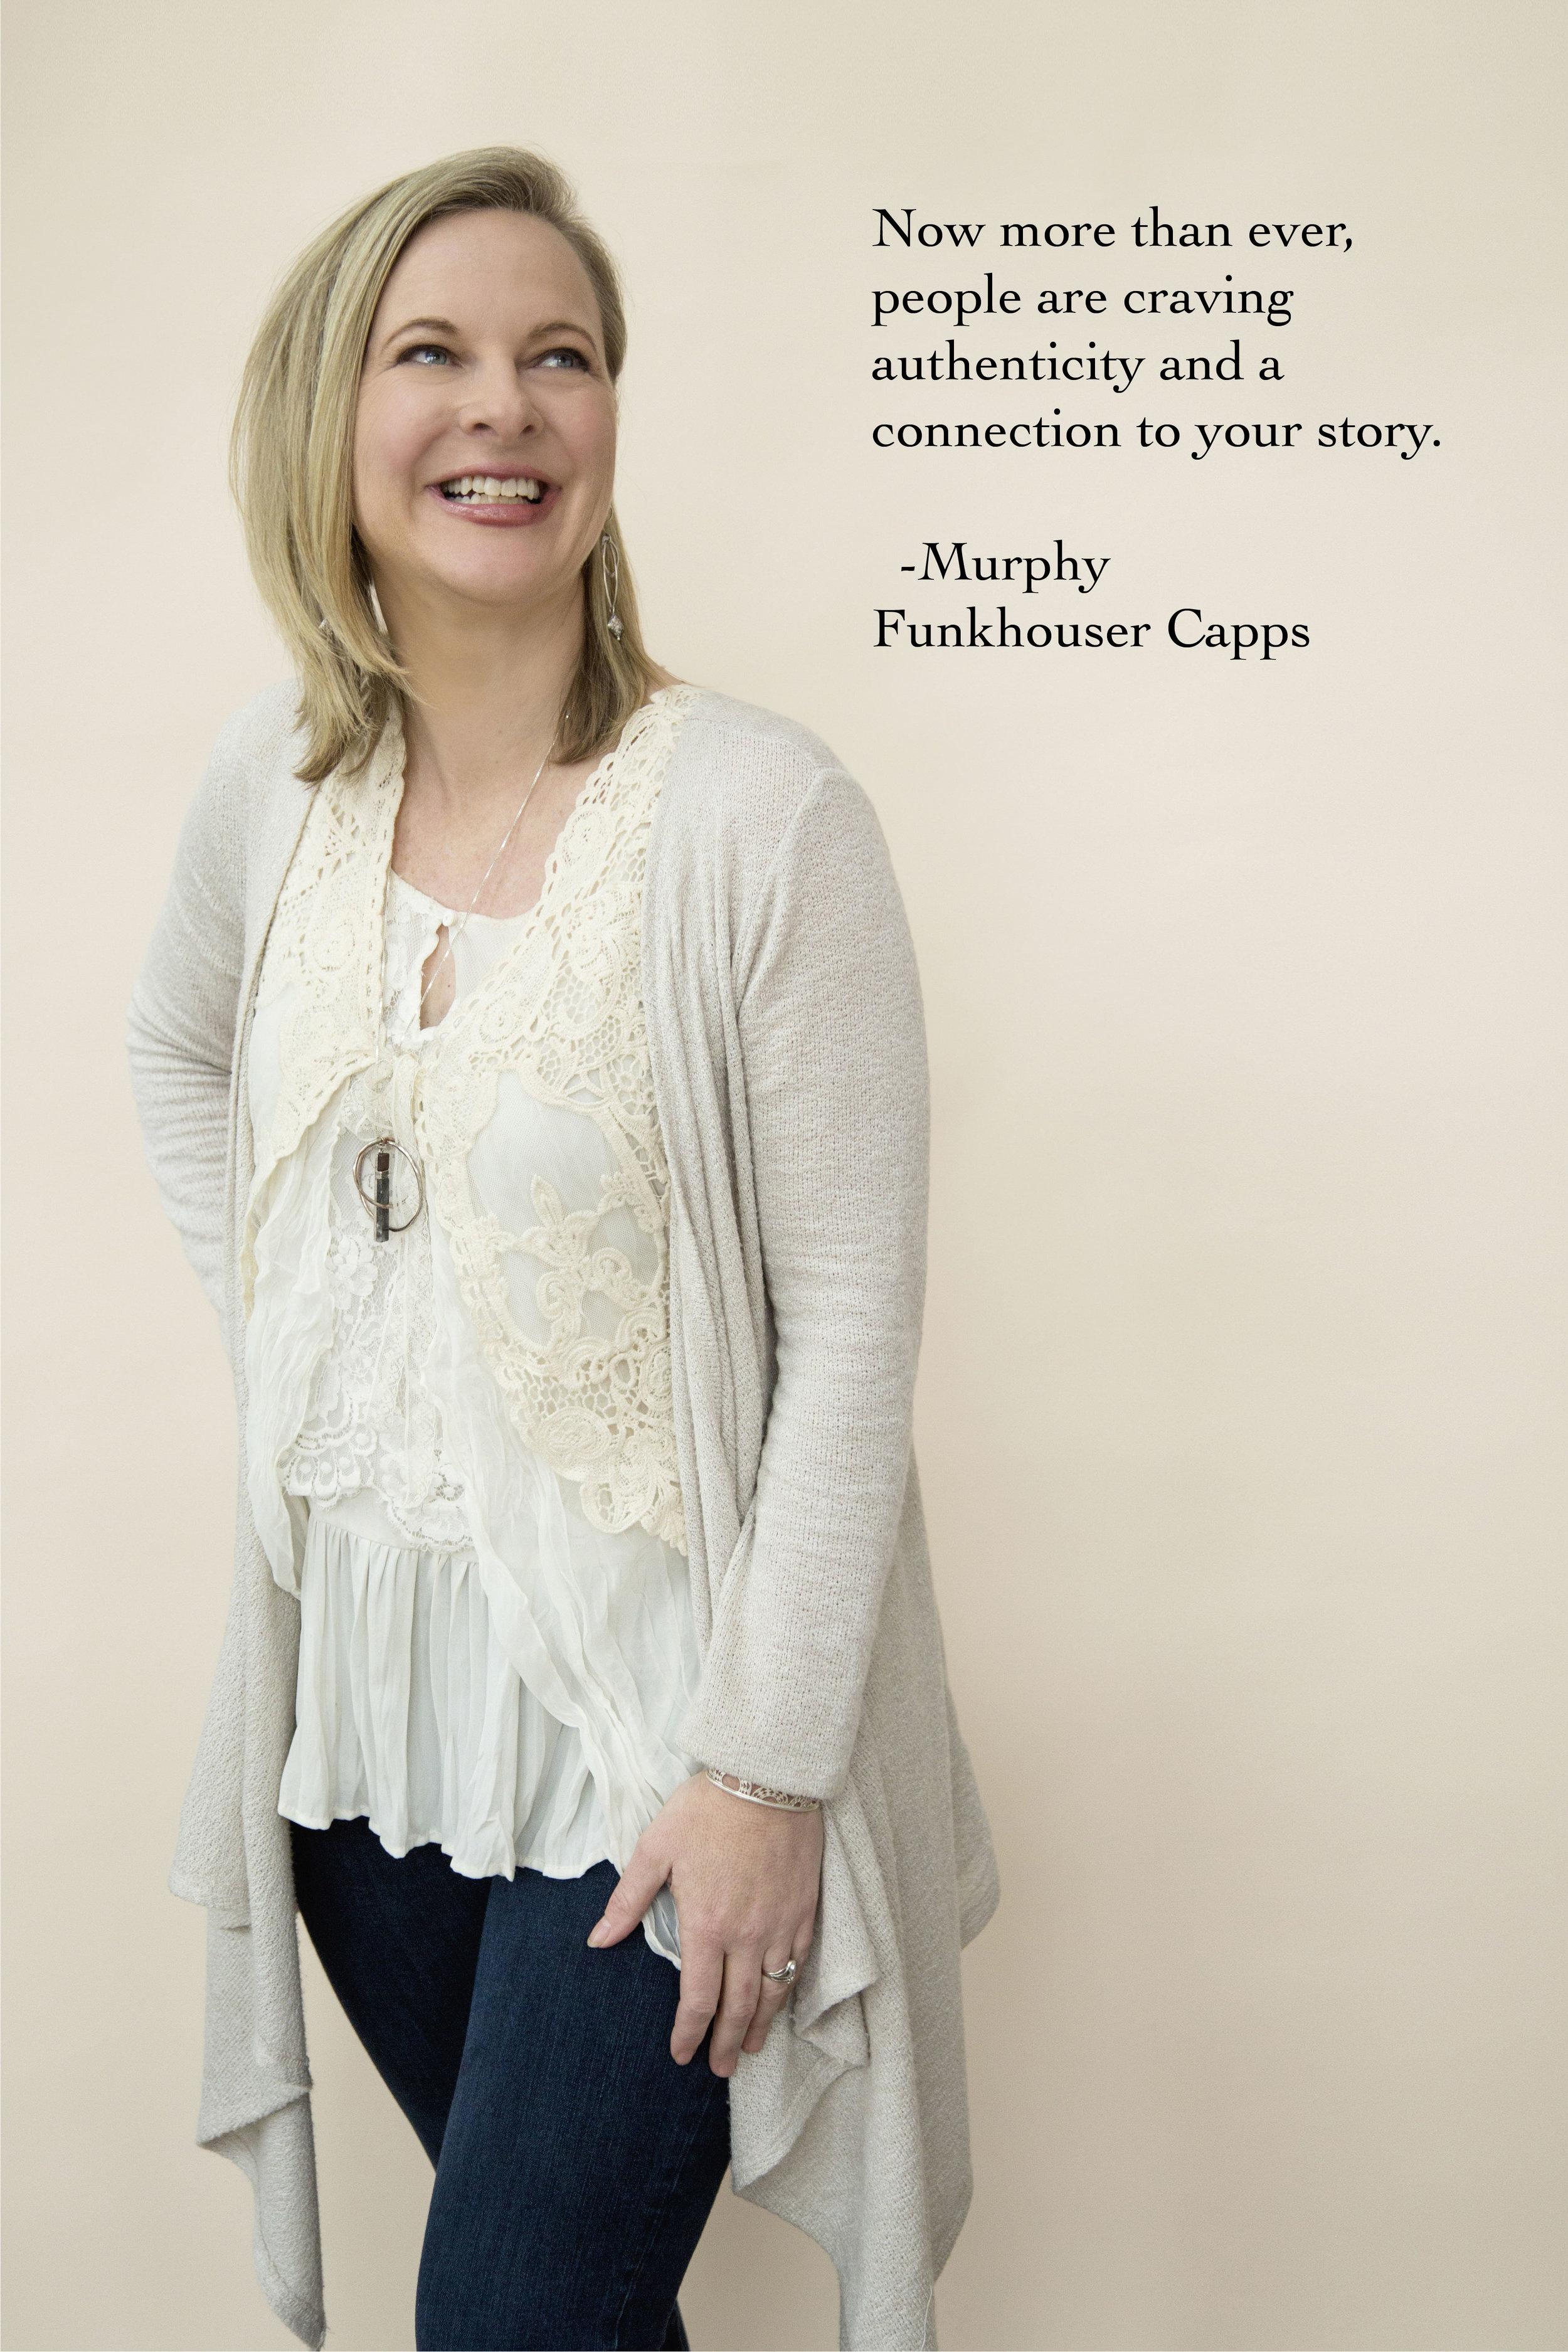 - Murphy Funkhouser Capps: Storyteller, Speaker, Stage Performer, Brand Strategist, Business Coach & Educator